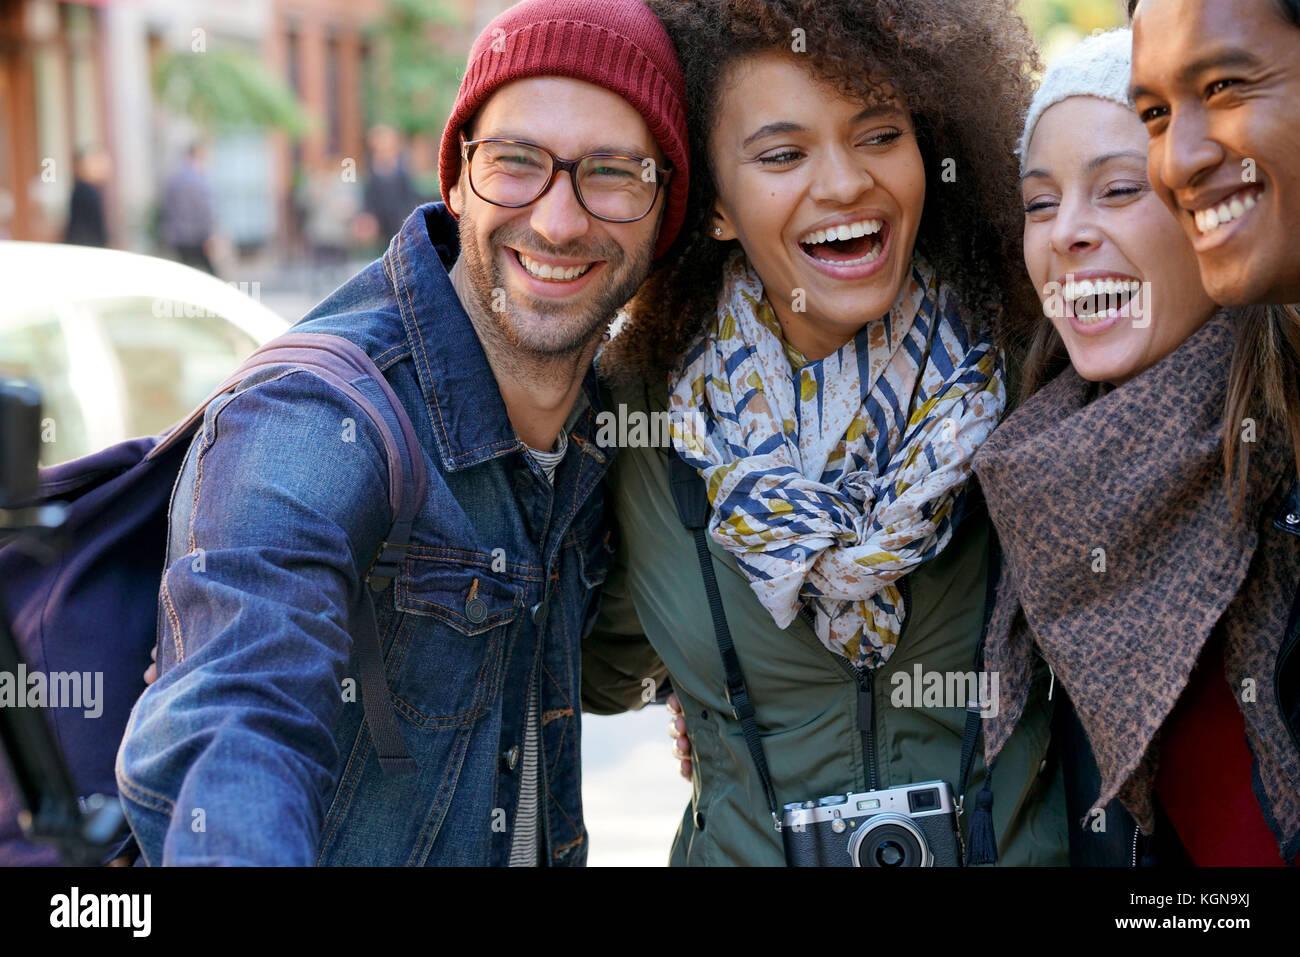 Gruppo di amici in vacanza prendendo selfie immagine con la fotocamera Immagini Stock